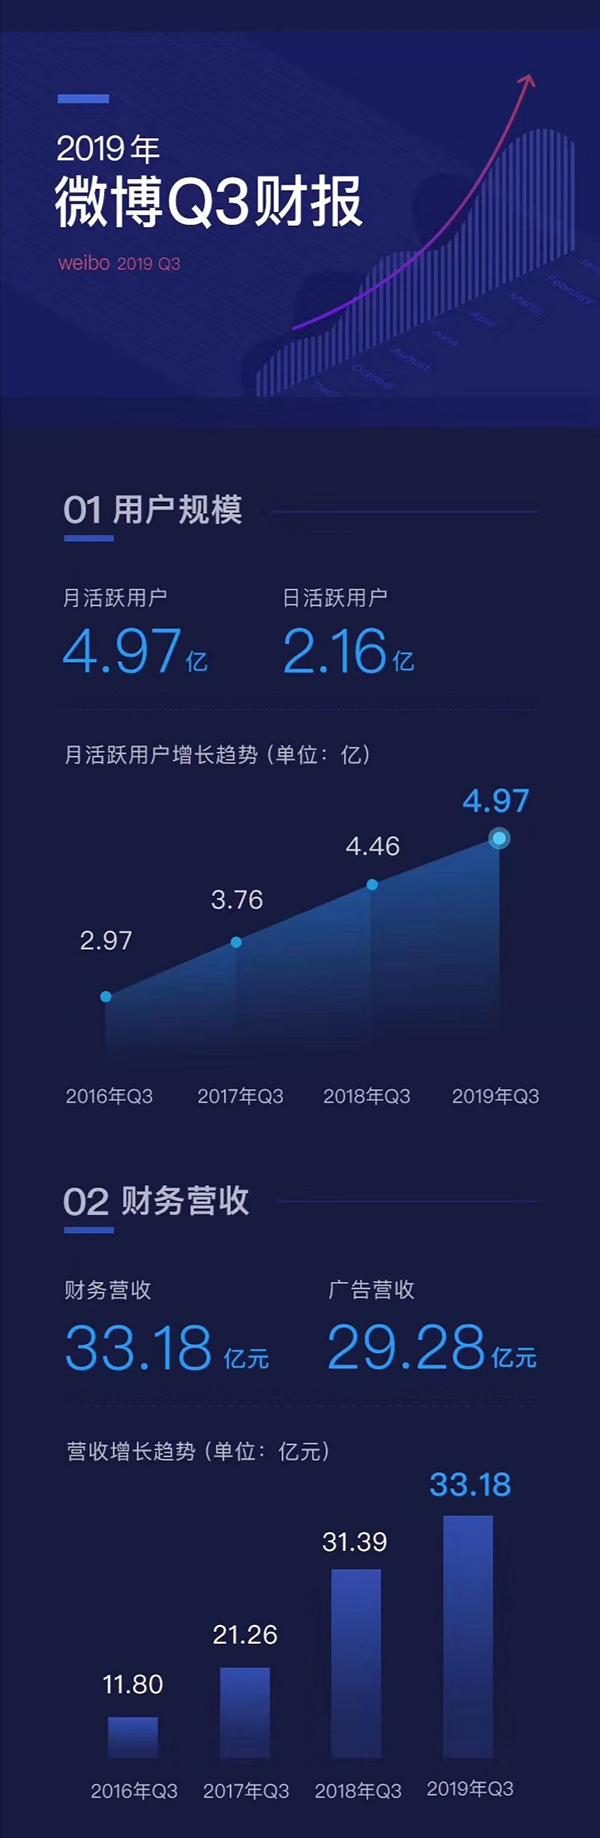 微博股价大跌逾17%:月活用户增速放缓,绿洲有望本月上线